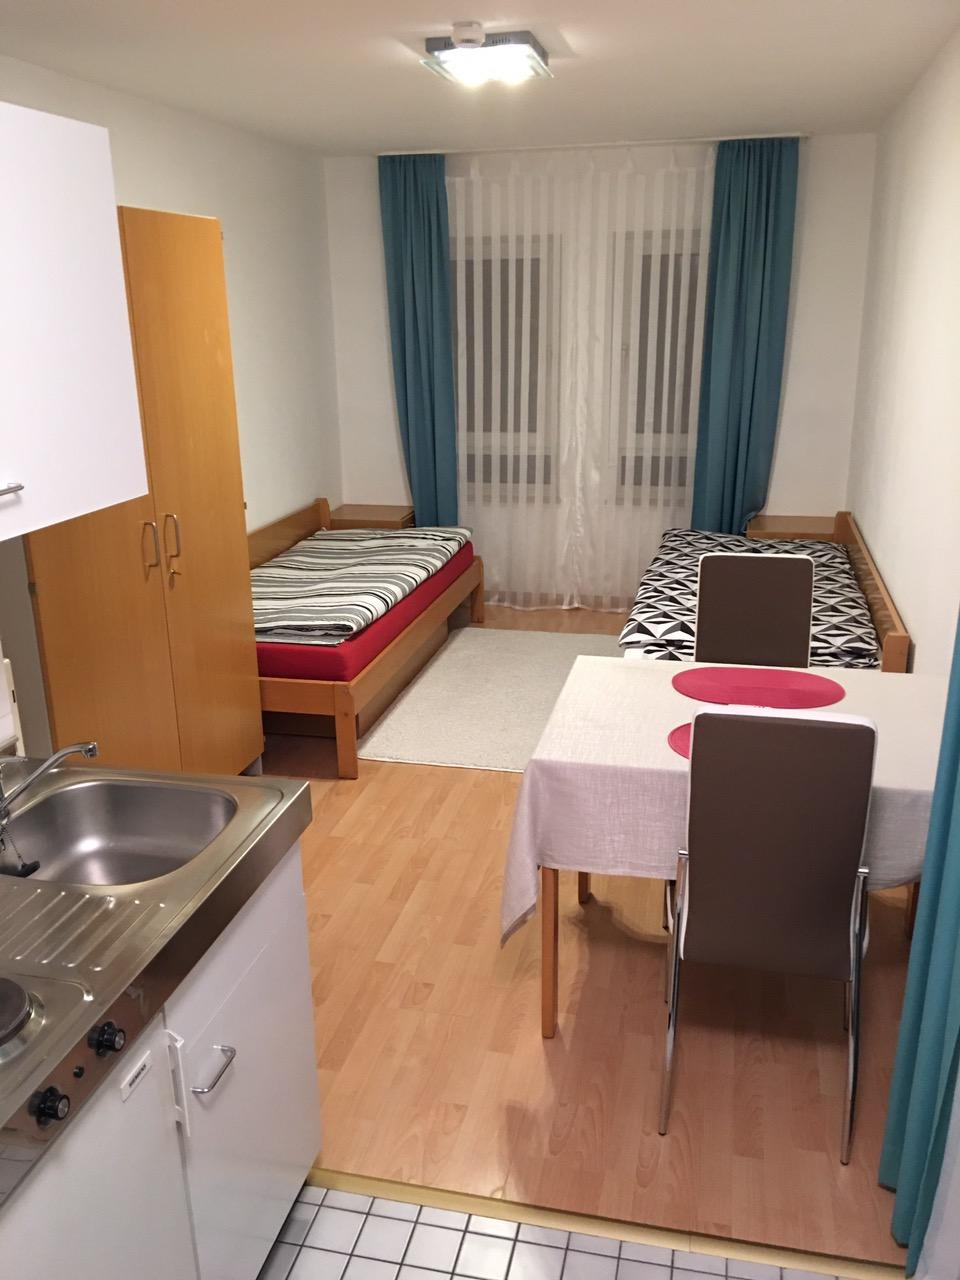 zu vermieten zimmer mannheim mannheim deutschland halmhuberstra e 4. Black Bedroom Furniture Sets. Home Design Ideas